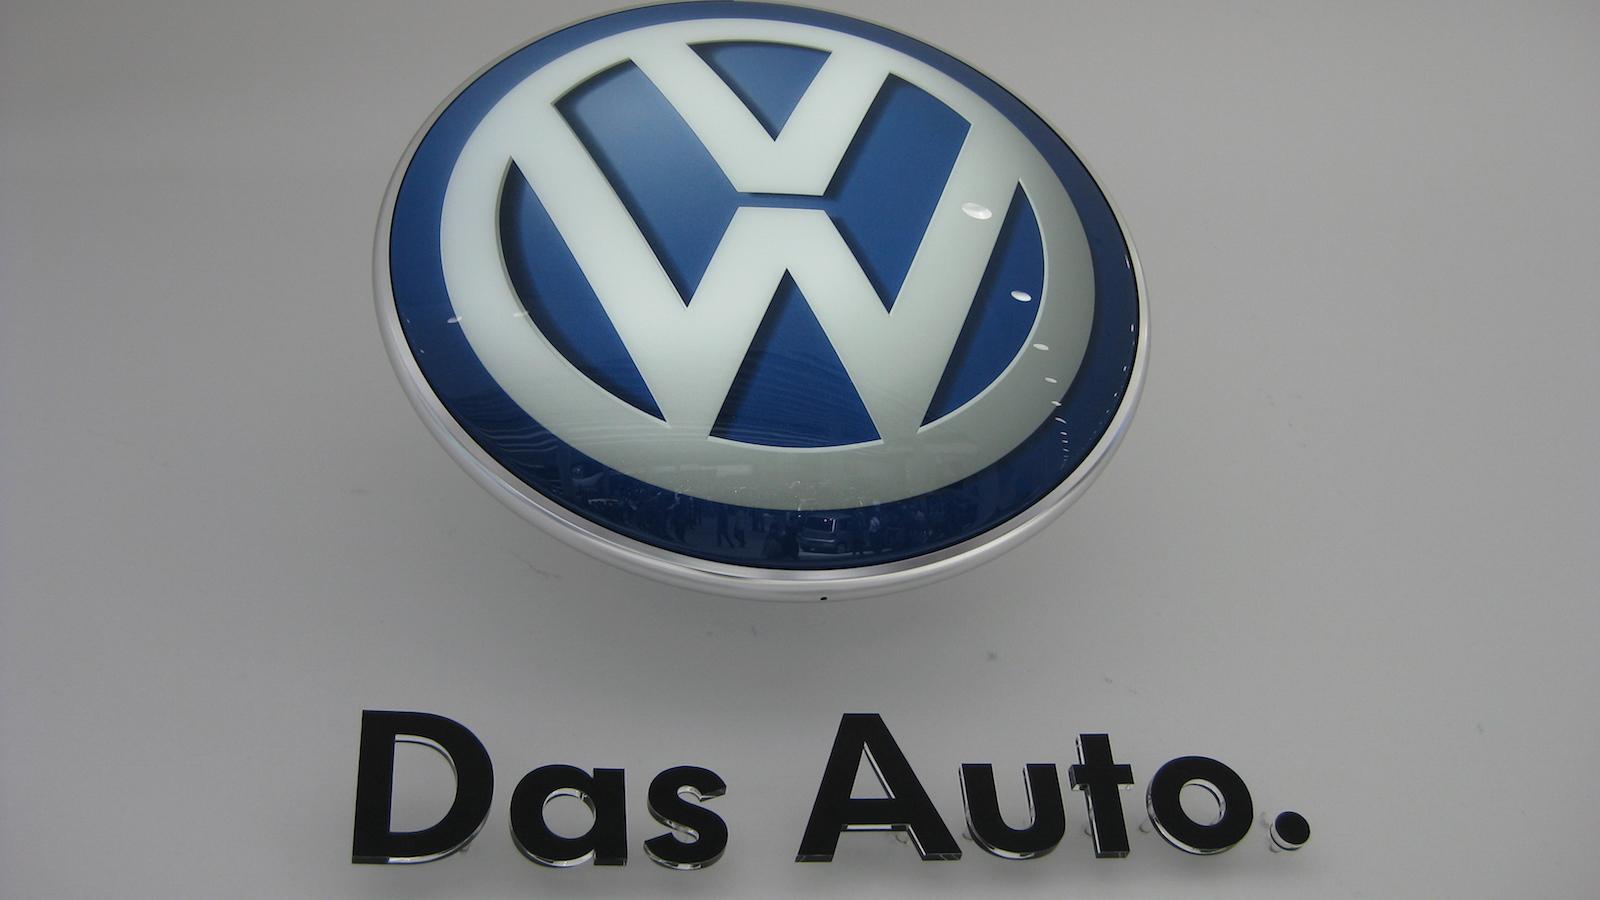 Volk Wagon Volkswagen Das Auto Logo